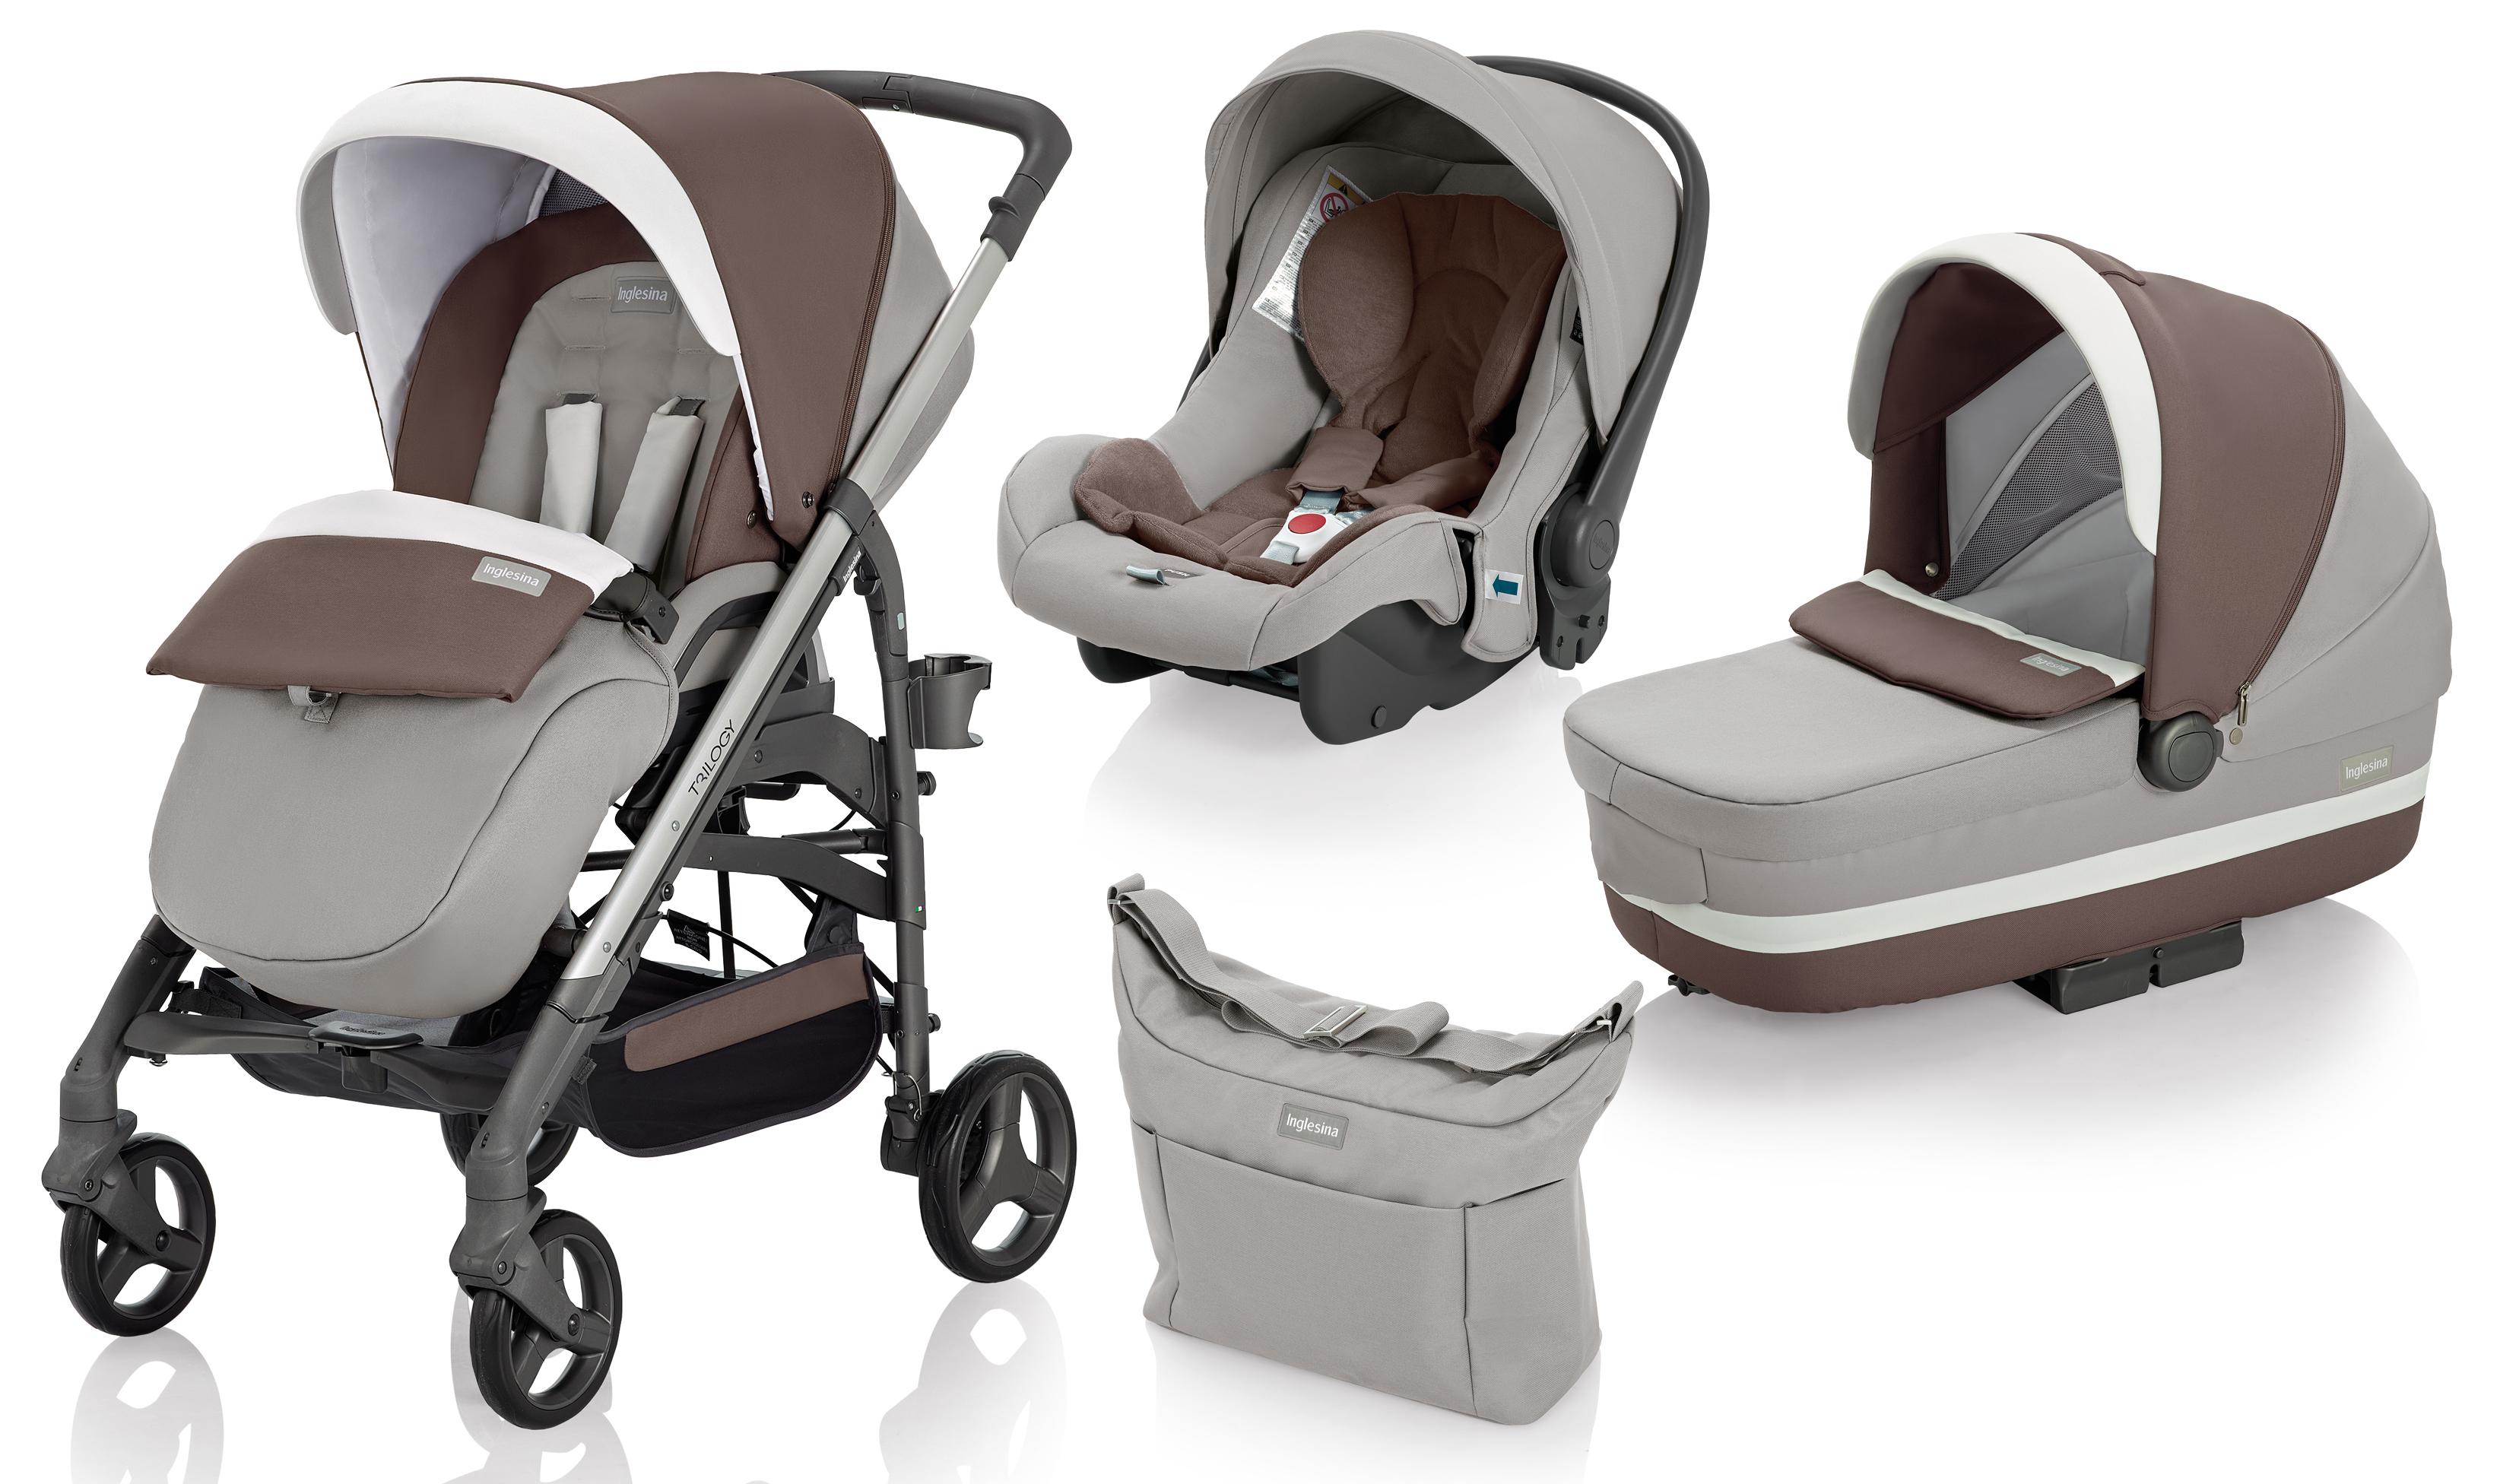 carritos de bebe